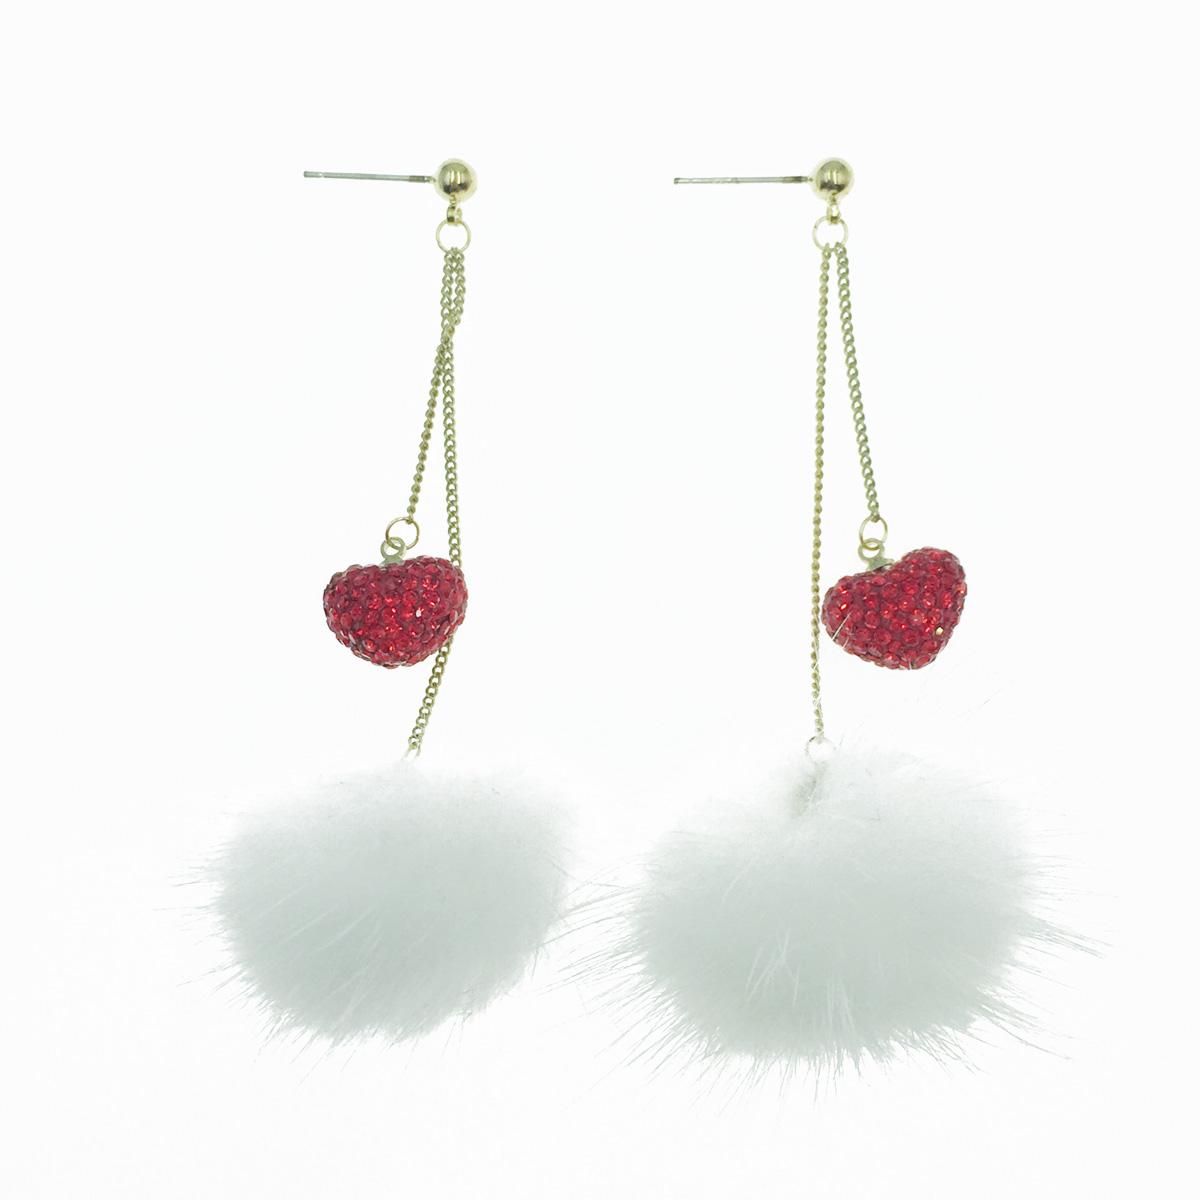 韓國 925純銀 愛心紅水鑽 白毛球 垂墜感 耳針式耳環